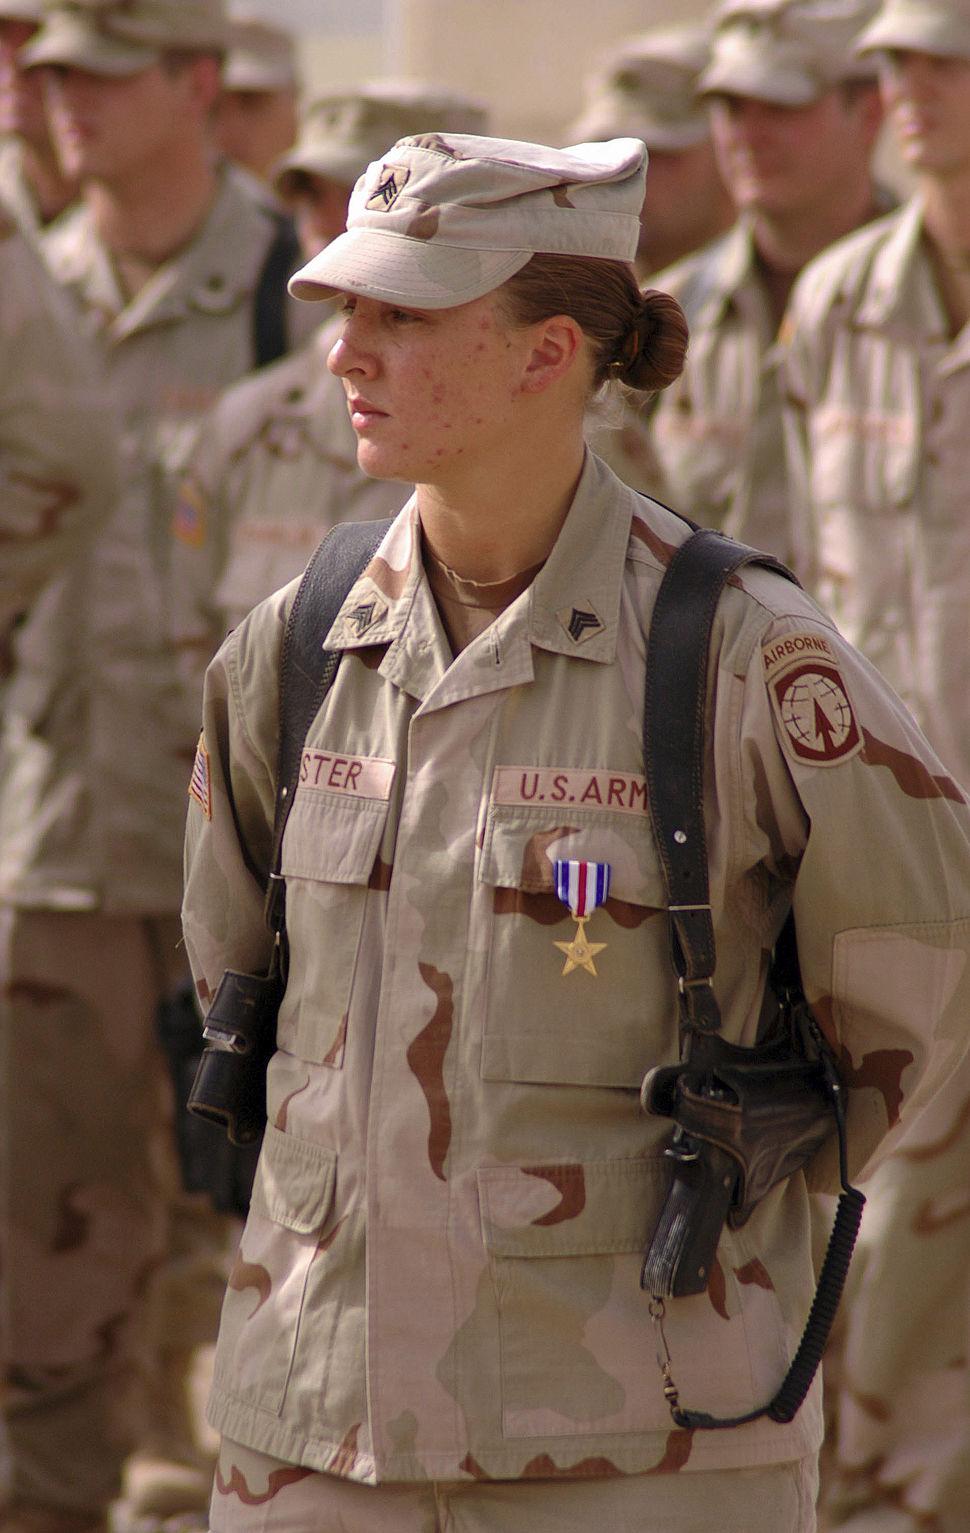 Leigh Ann Hester medal